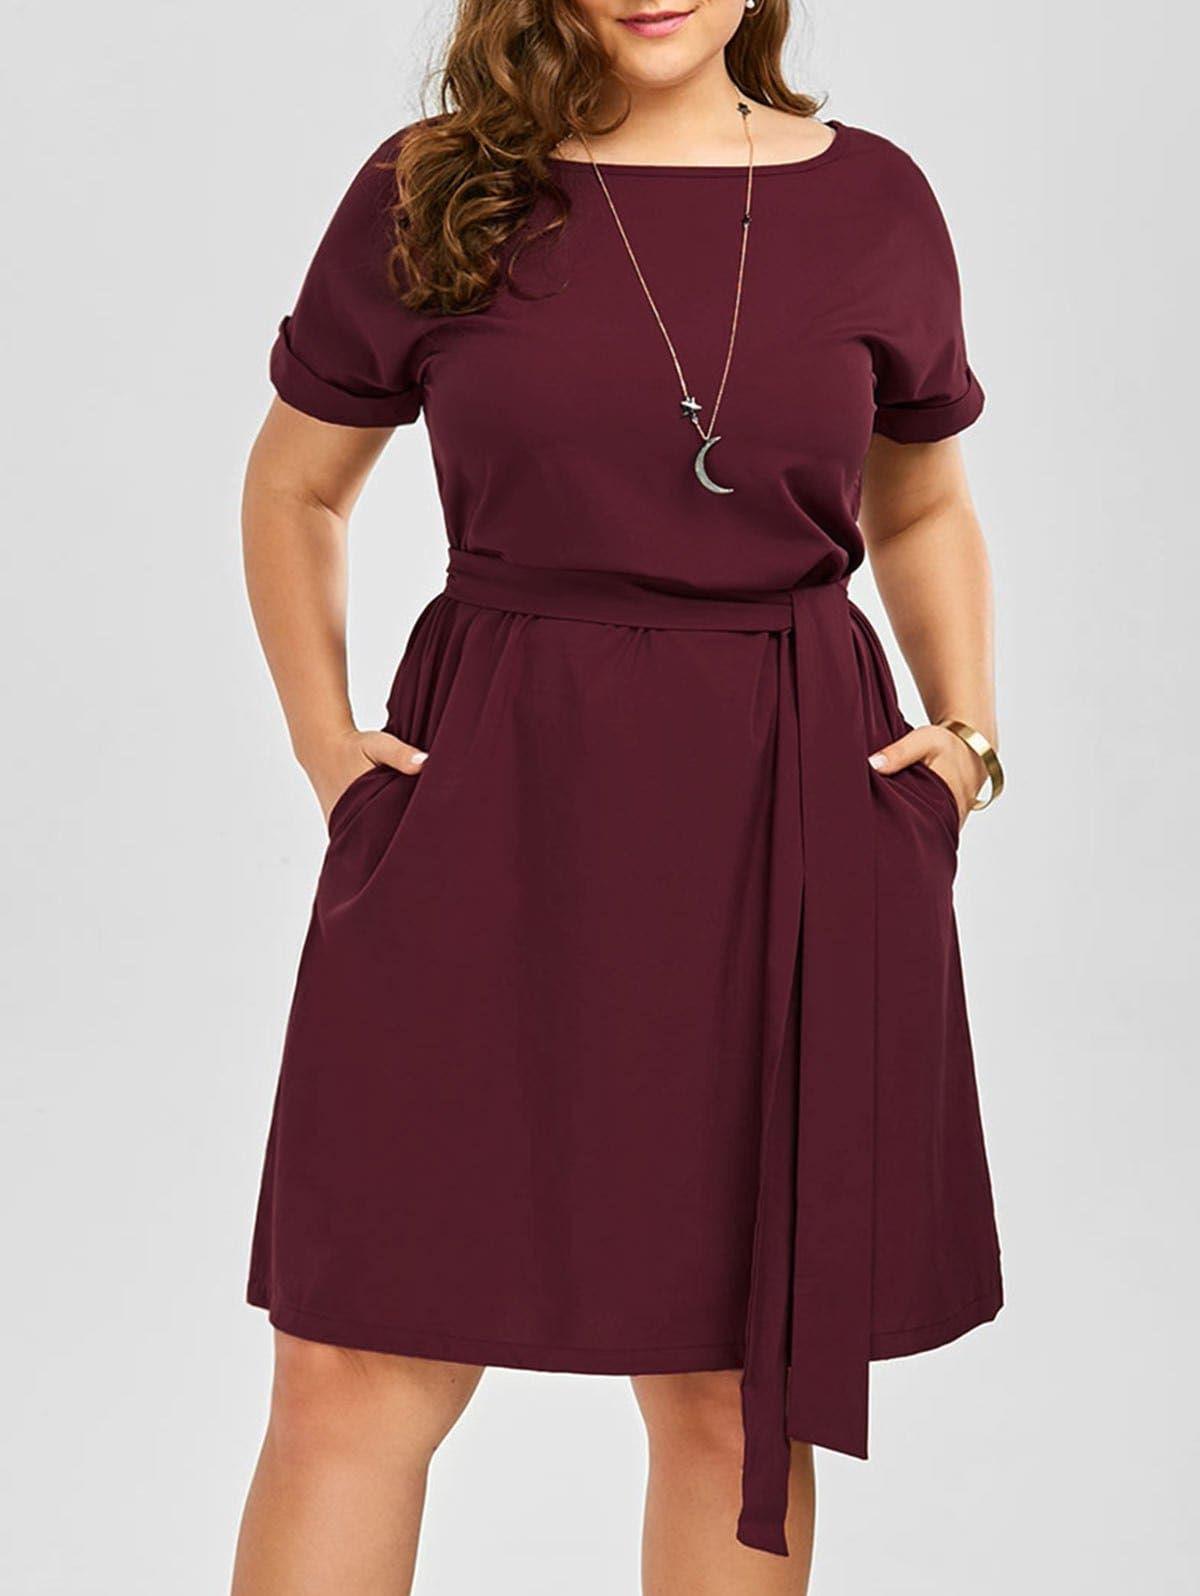 b389d543213 Plus Size Sundress With Pockets - raveitsafe